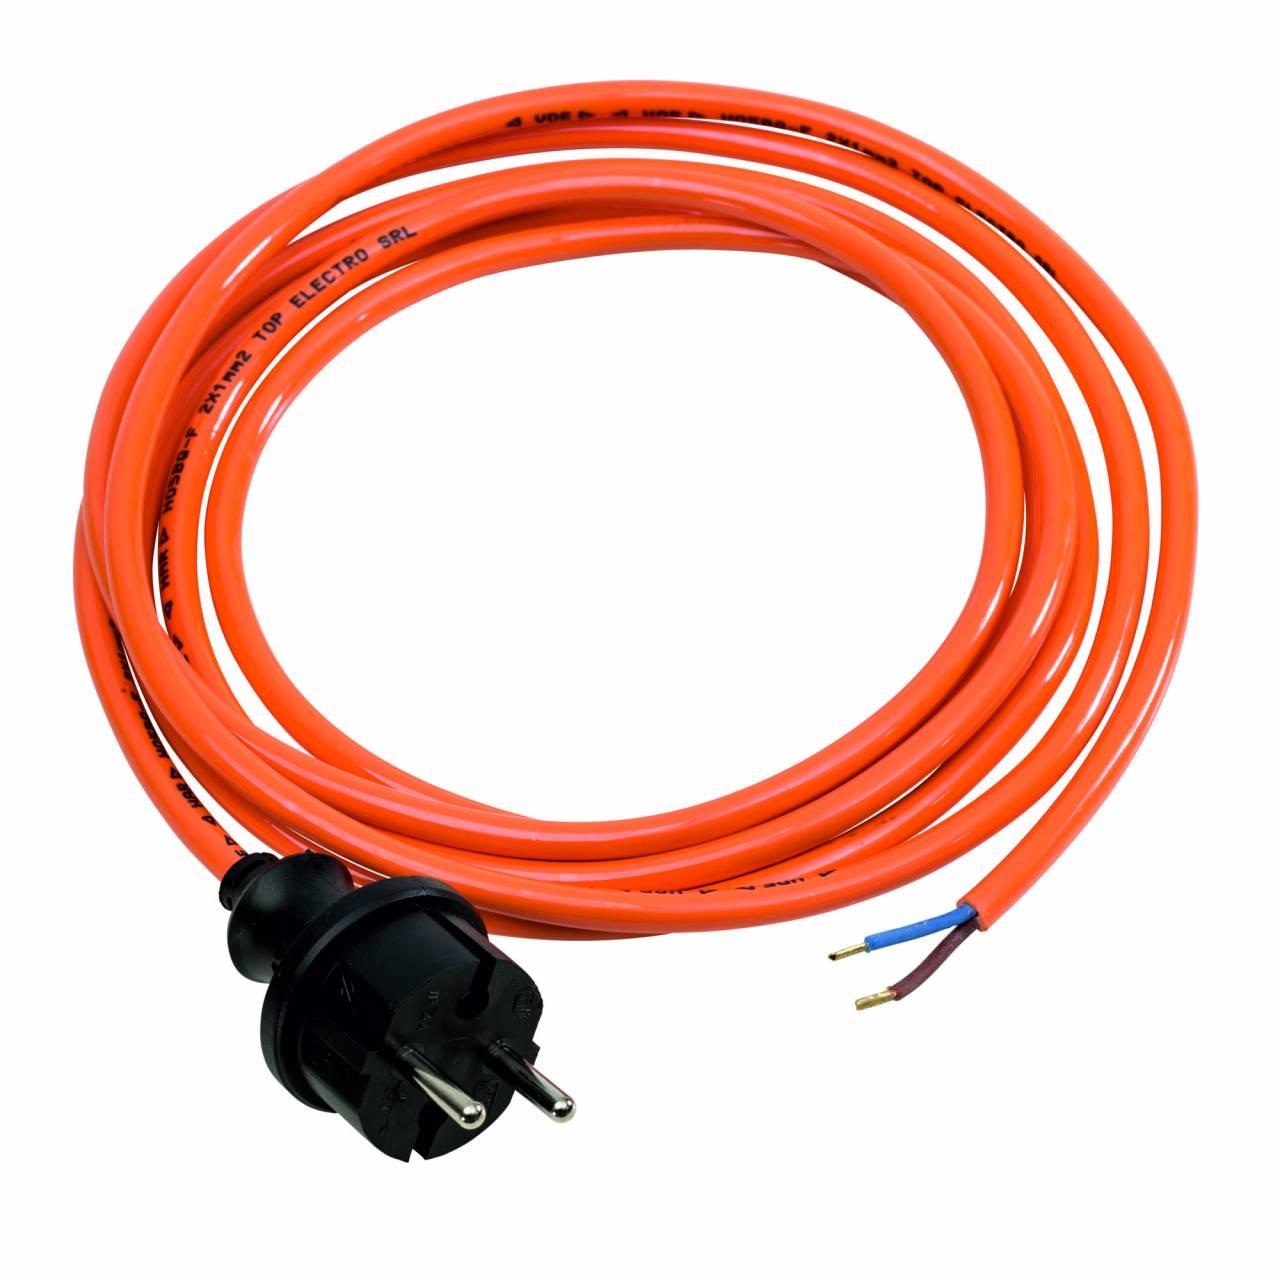 PUR-Anschlussleitung, orange, 230V, H05BQ-F 2x1,0 / 3 m